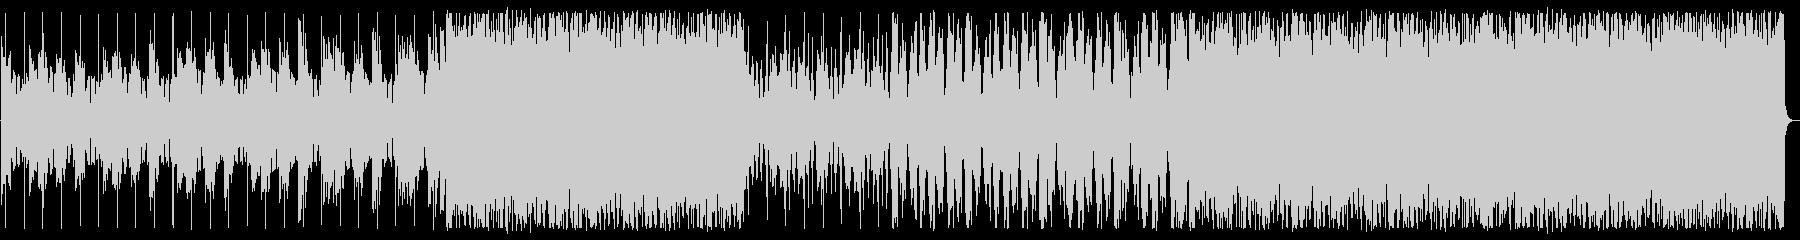 レトロ/エレクトロ_No591の未再生の波形